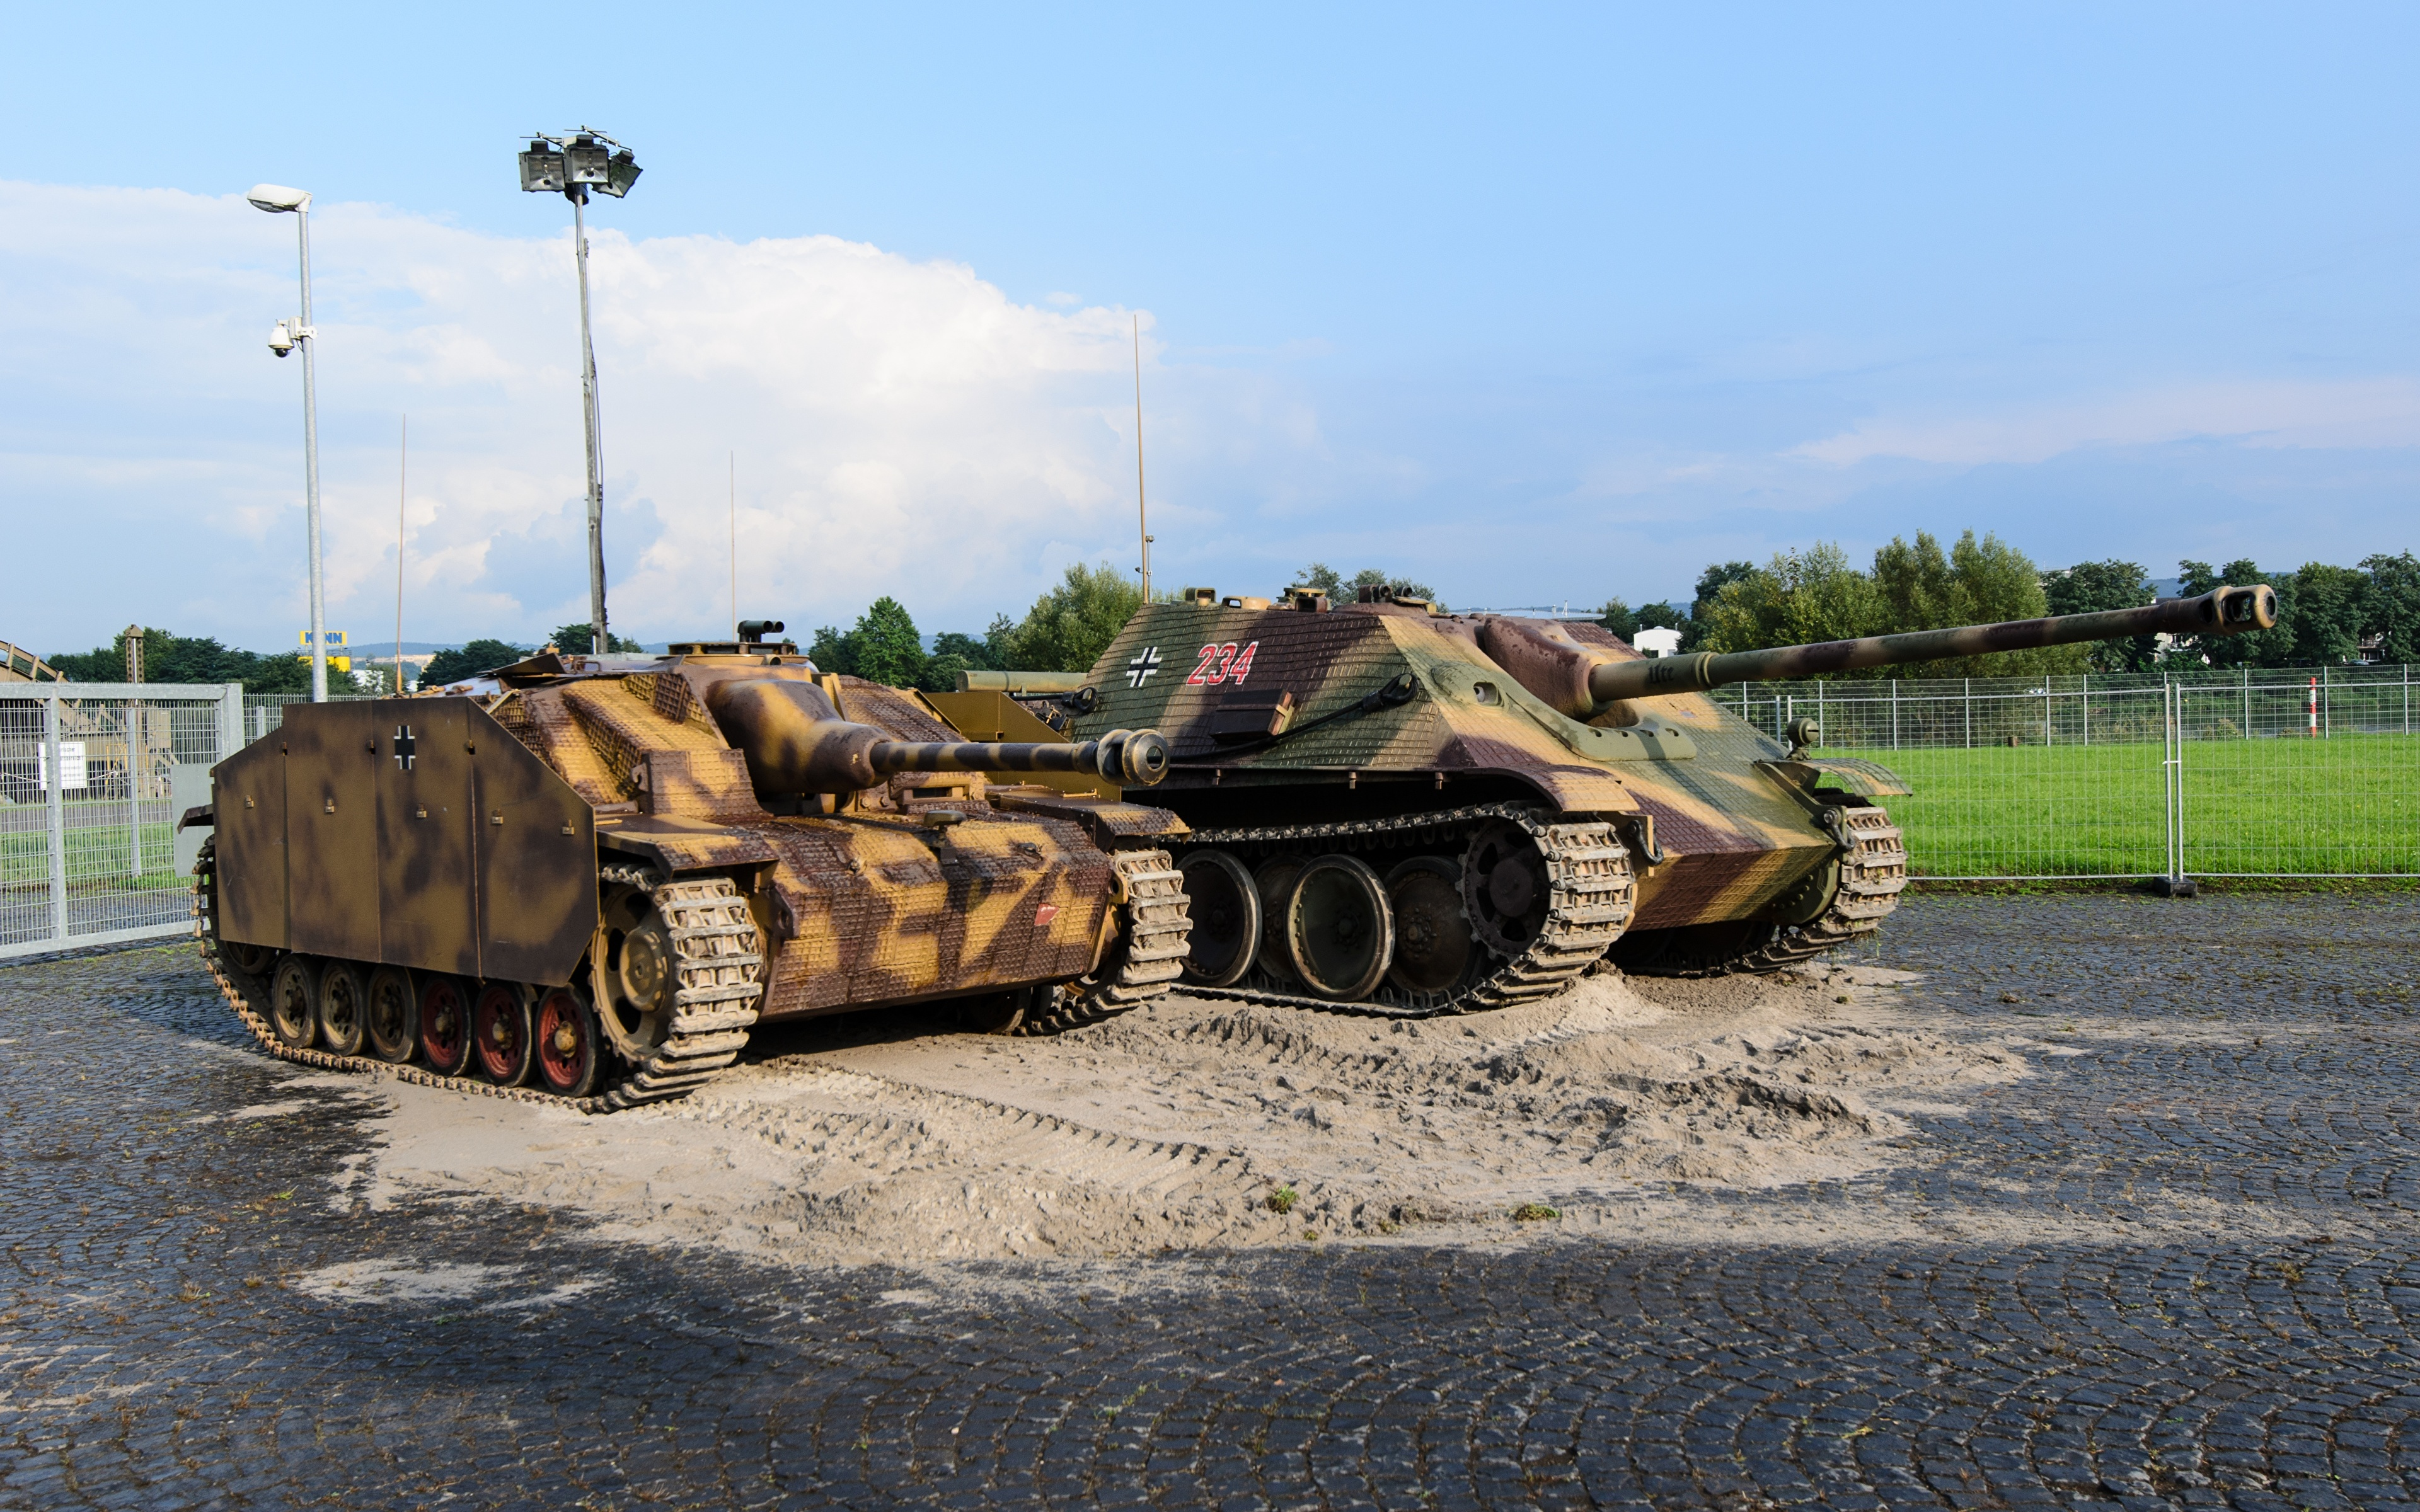 Bilder von Selbstfahrlafette Deutsch Zwei Militär 3840x2400 deutsche deutscher 2 Heer